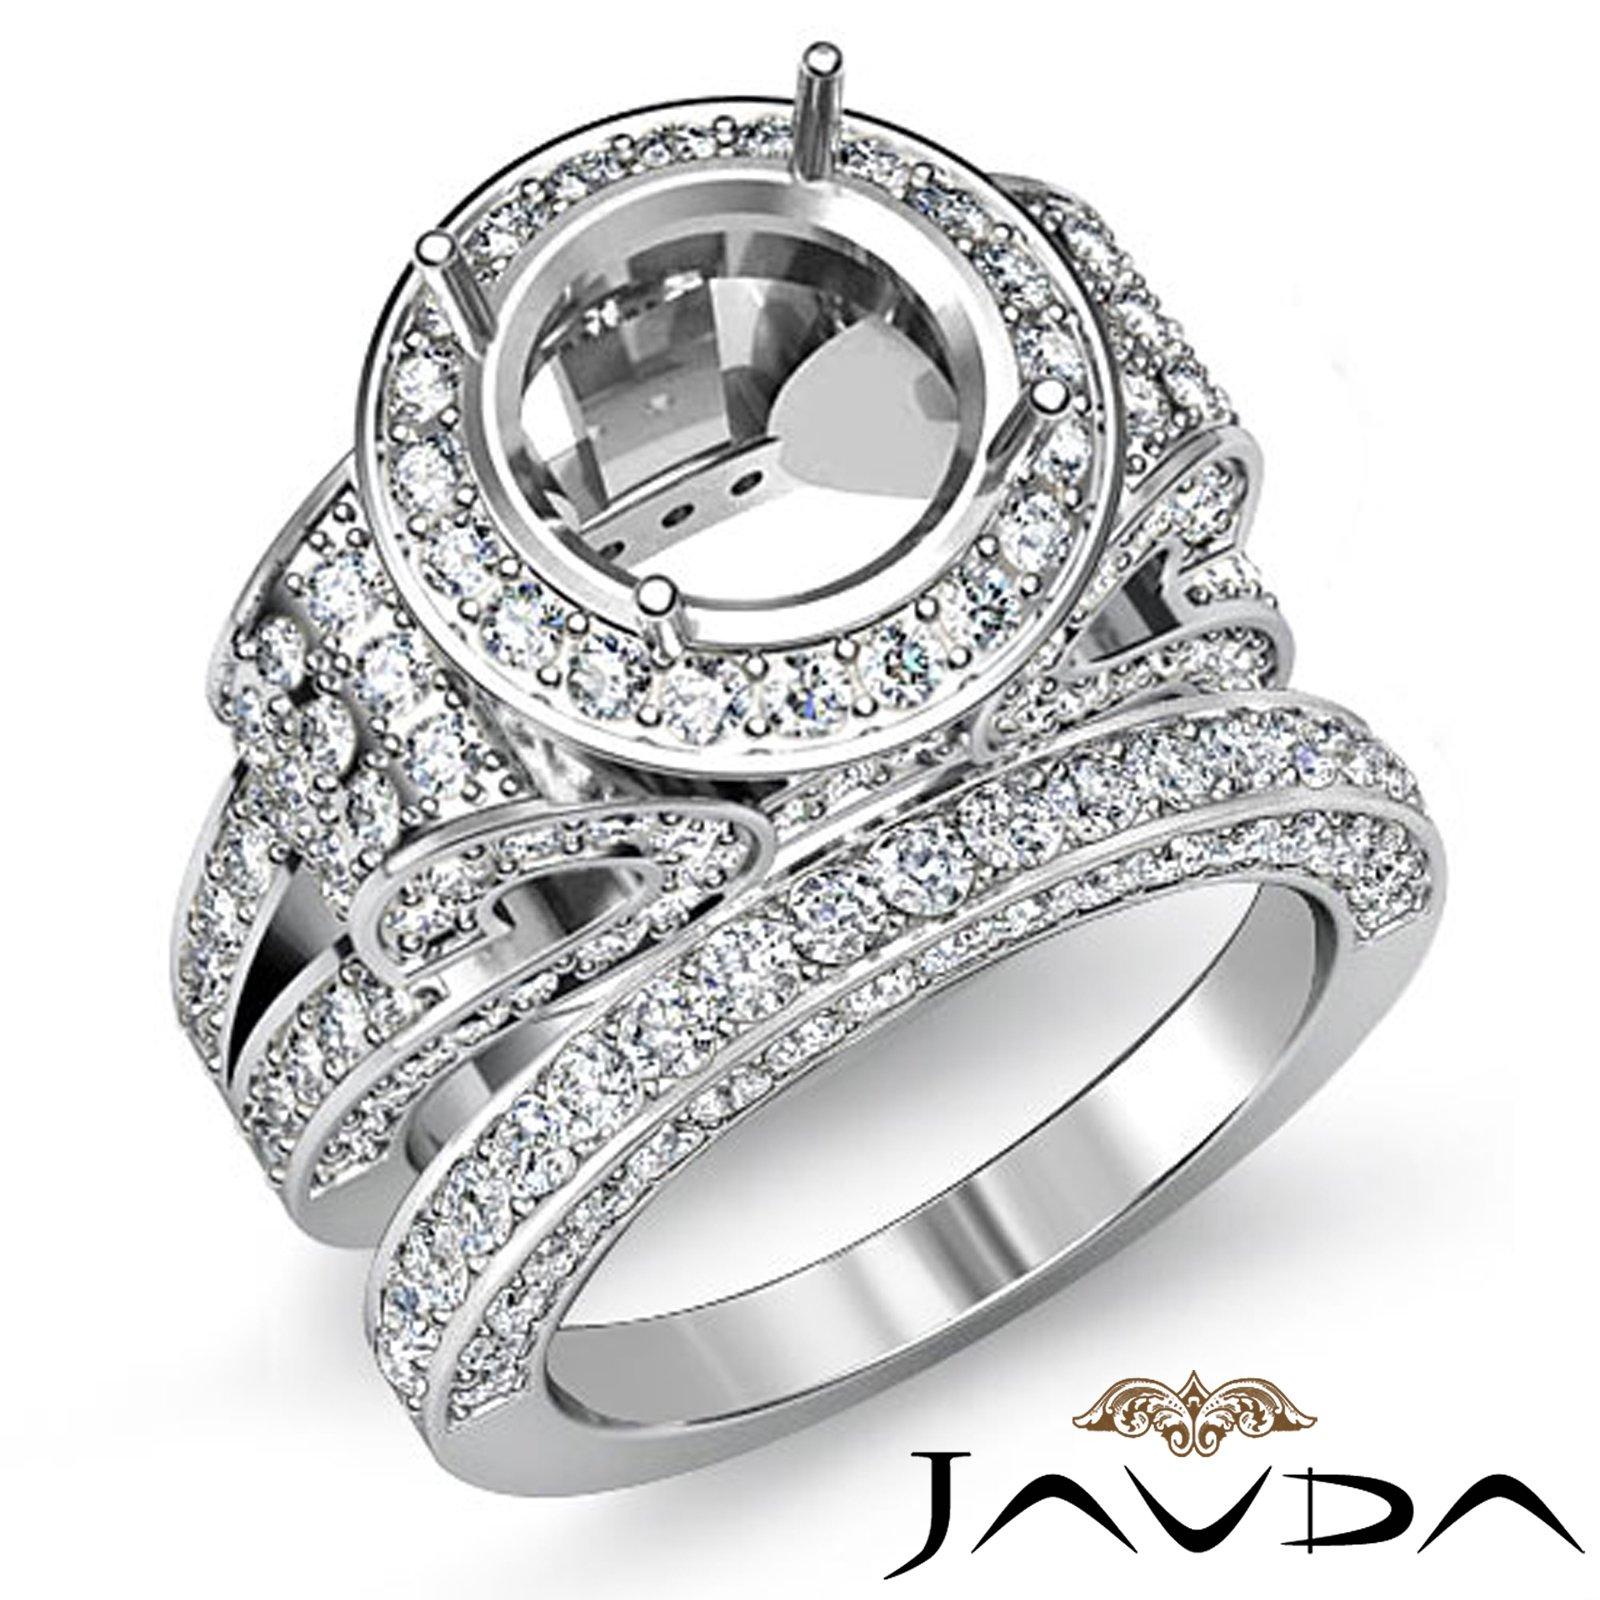 Diamond Engagement Ring Round Halo Pave Setting Bridal Set